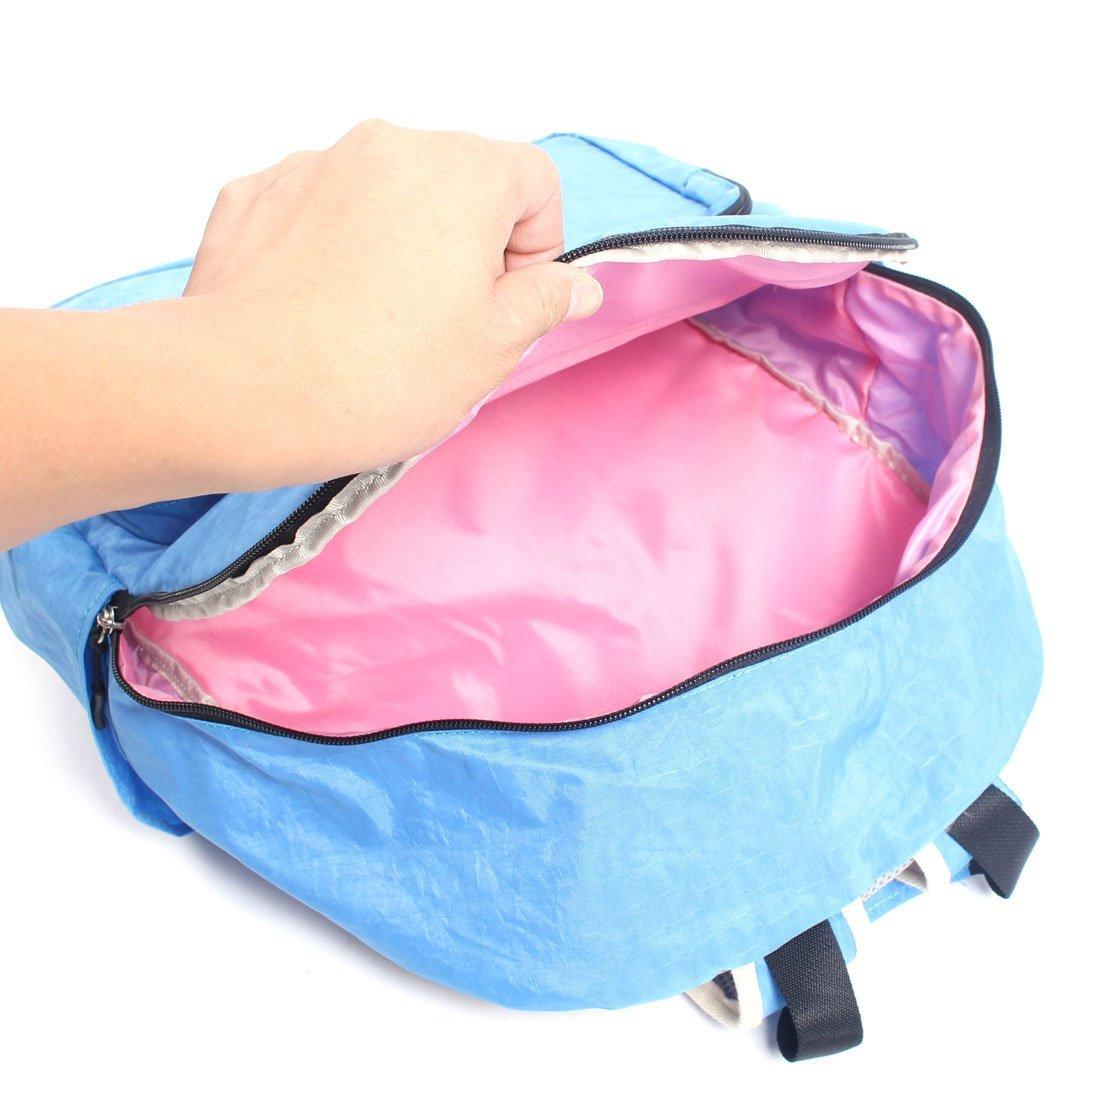 Amazon.com : DealMux Lonas Zipper Encerramento Casual Viagem Backpack Estudante Bookbag Azul : Sports & Outdoors